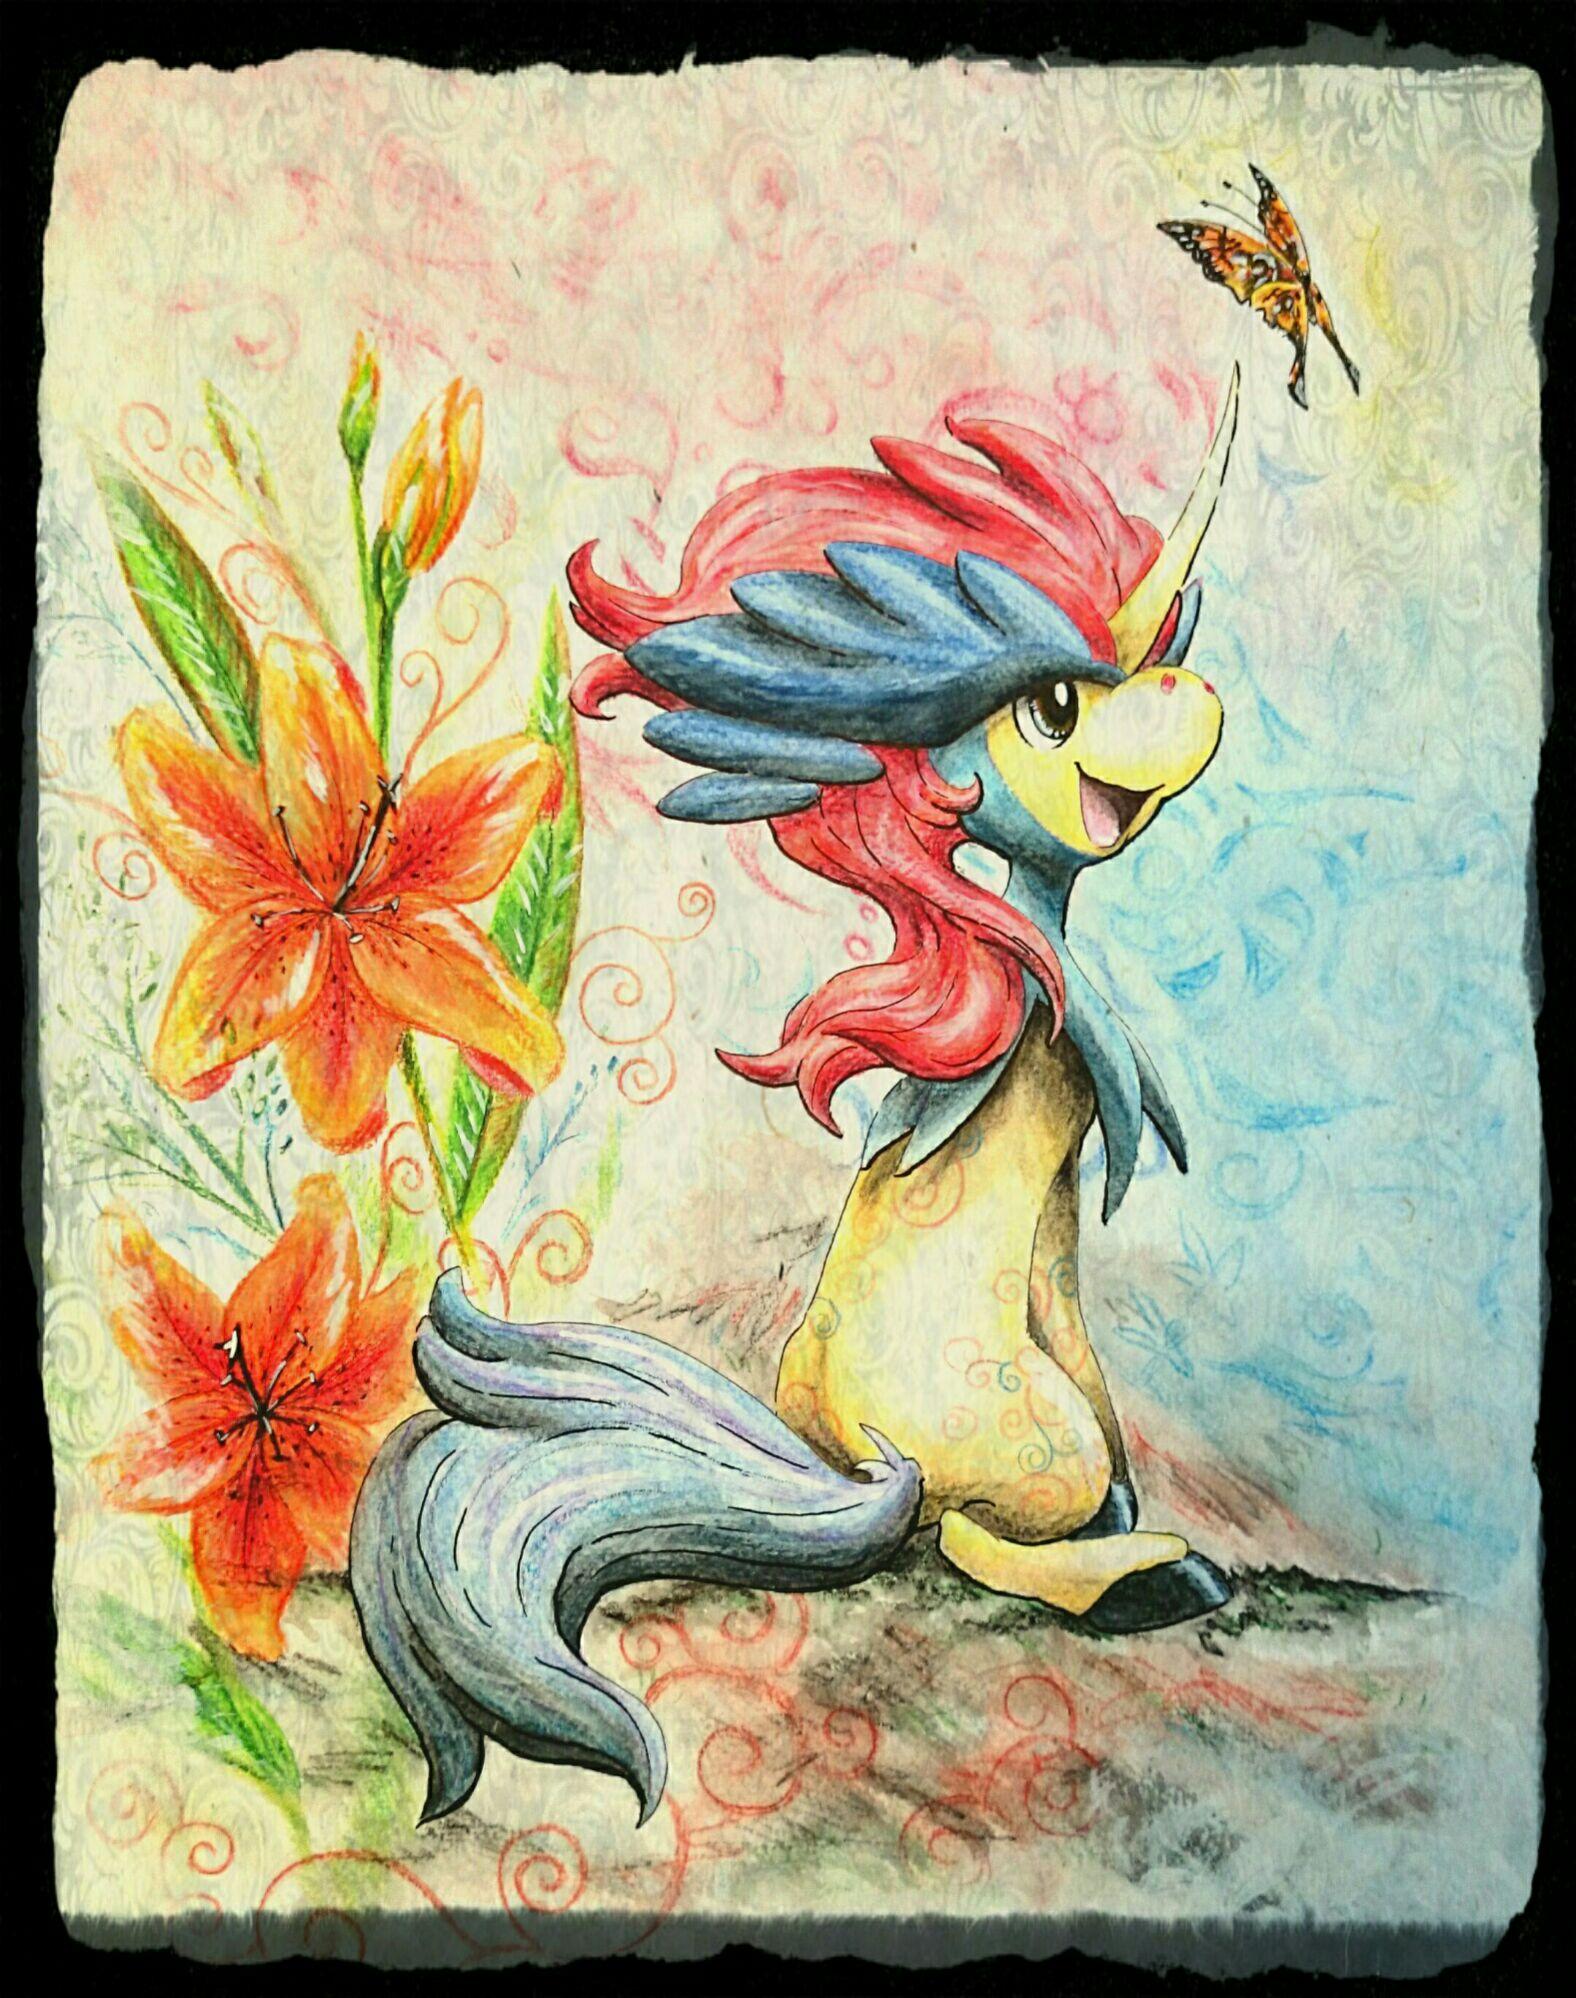 Pokémon-Zeichnung: Einreichung 31234